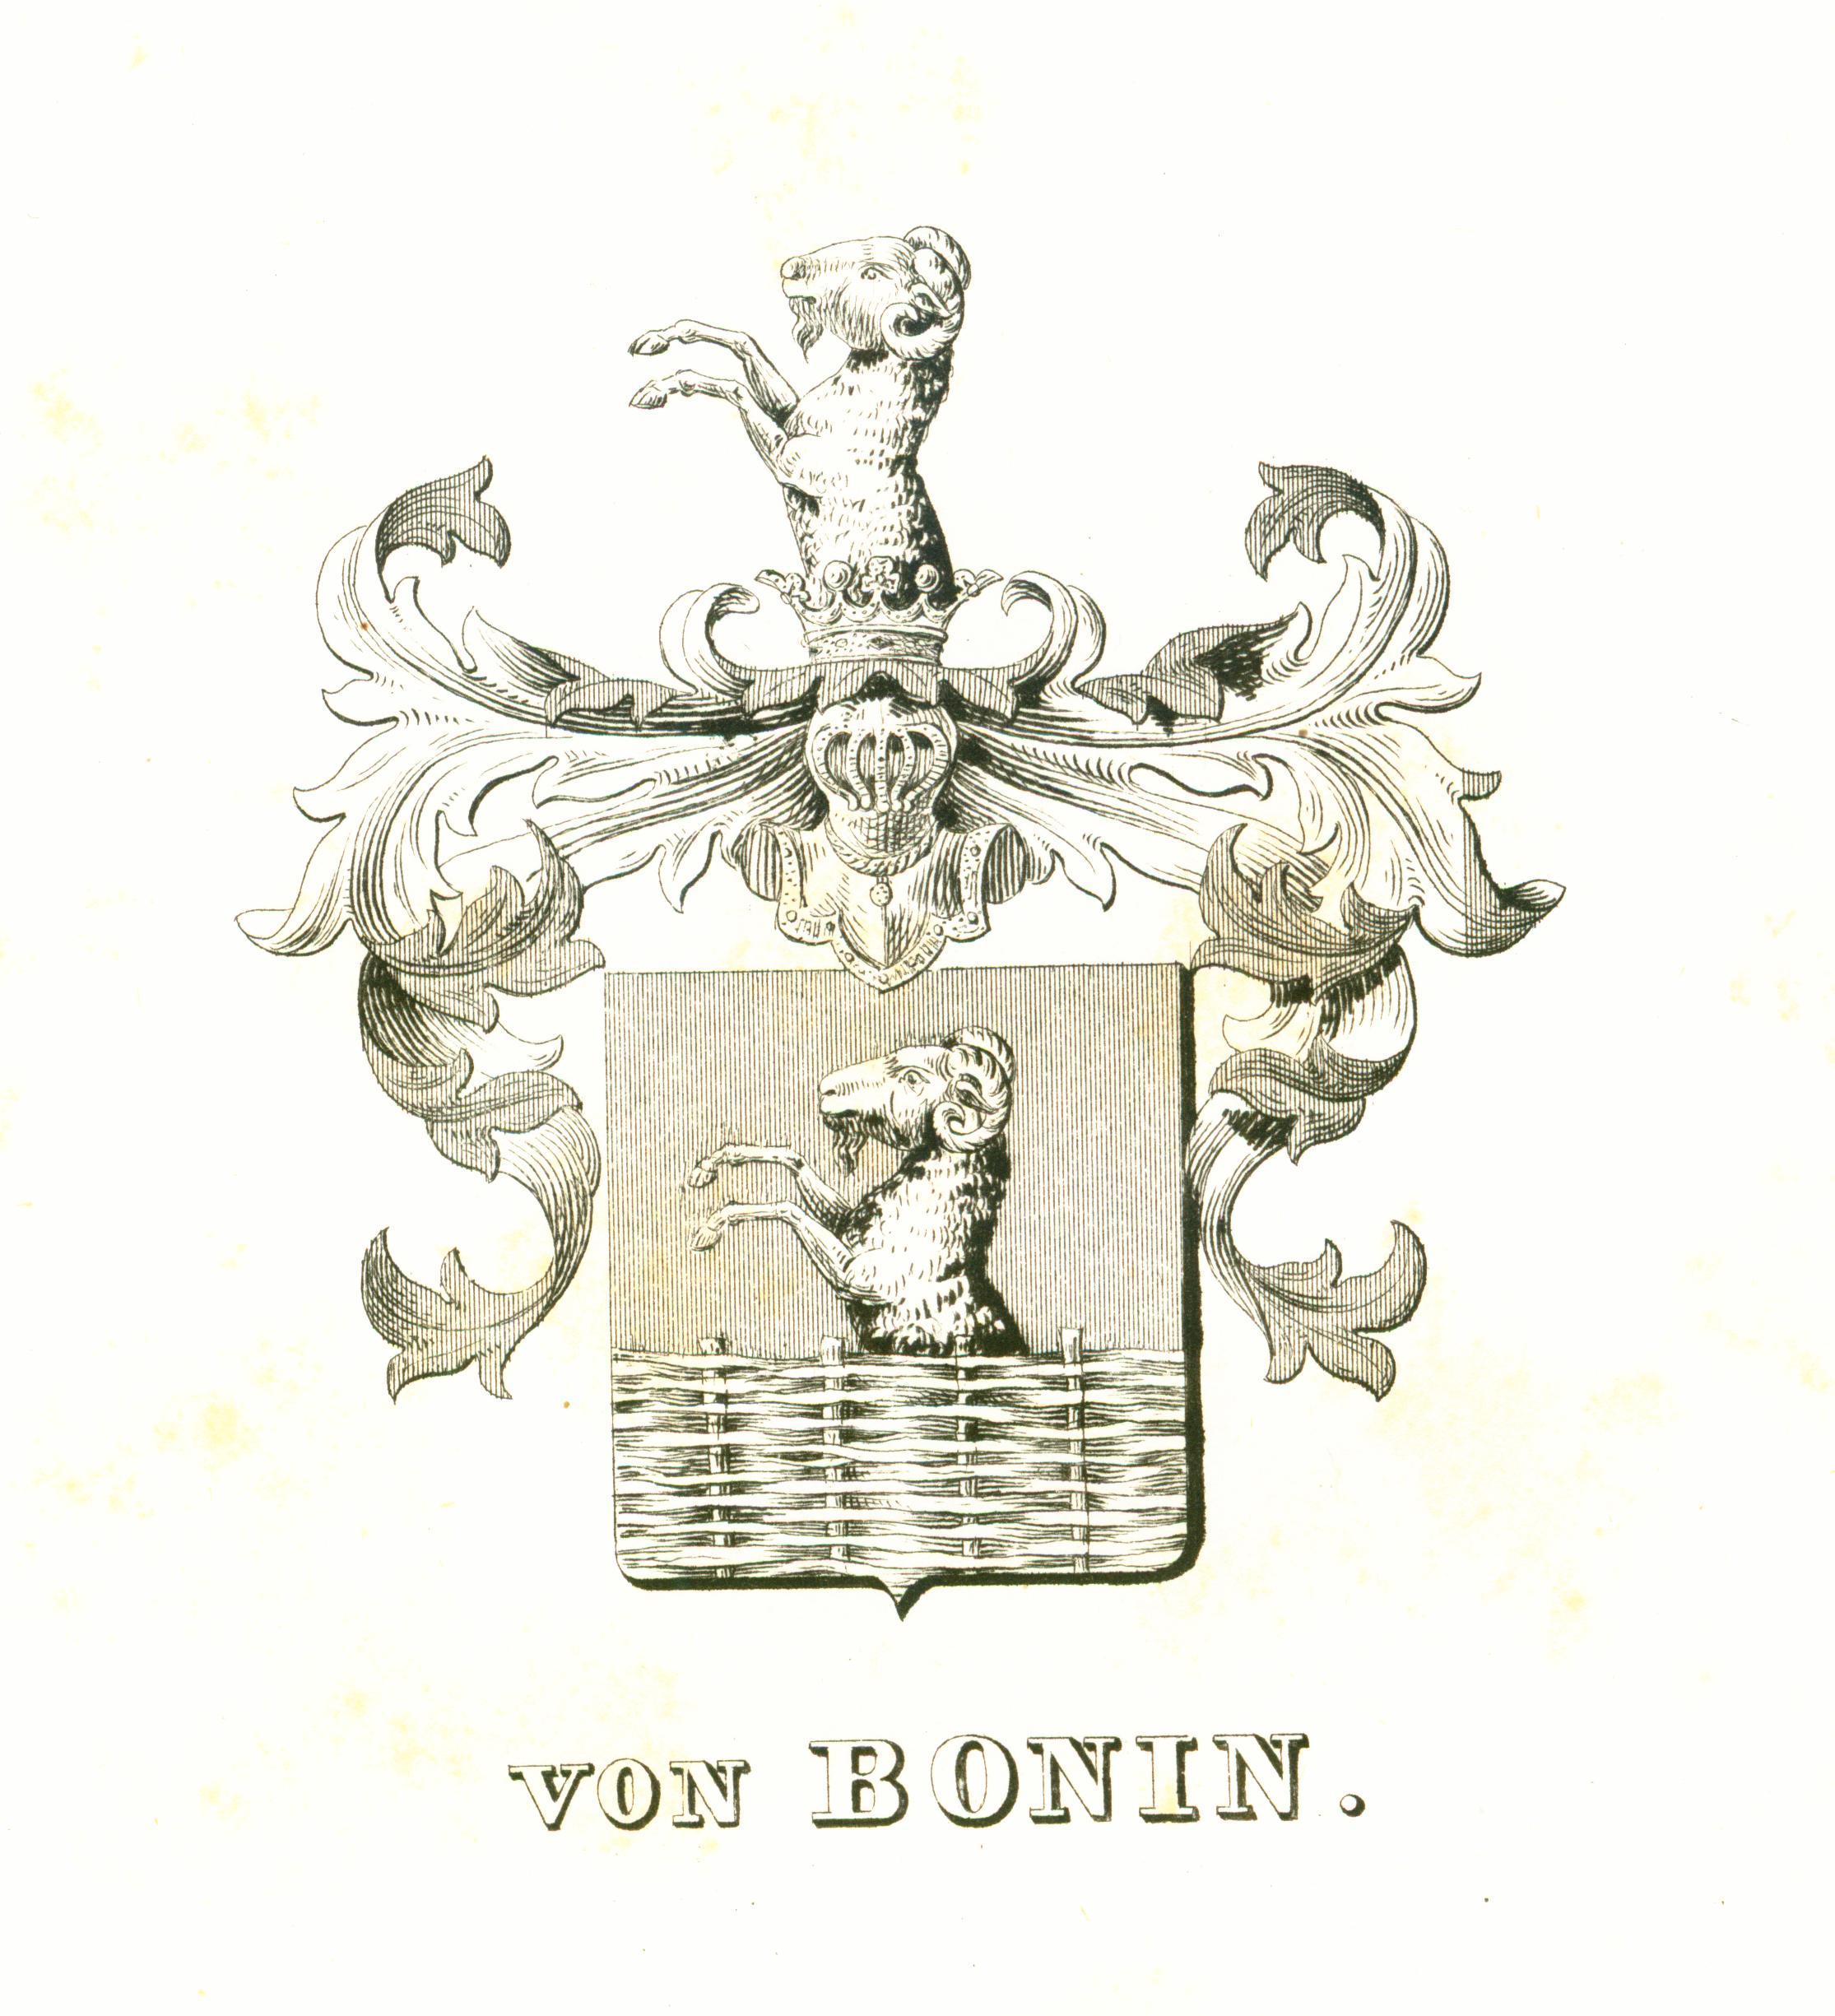 Bonin 1